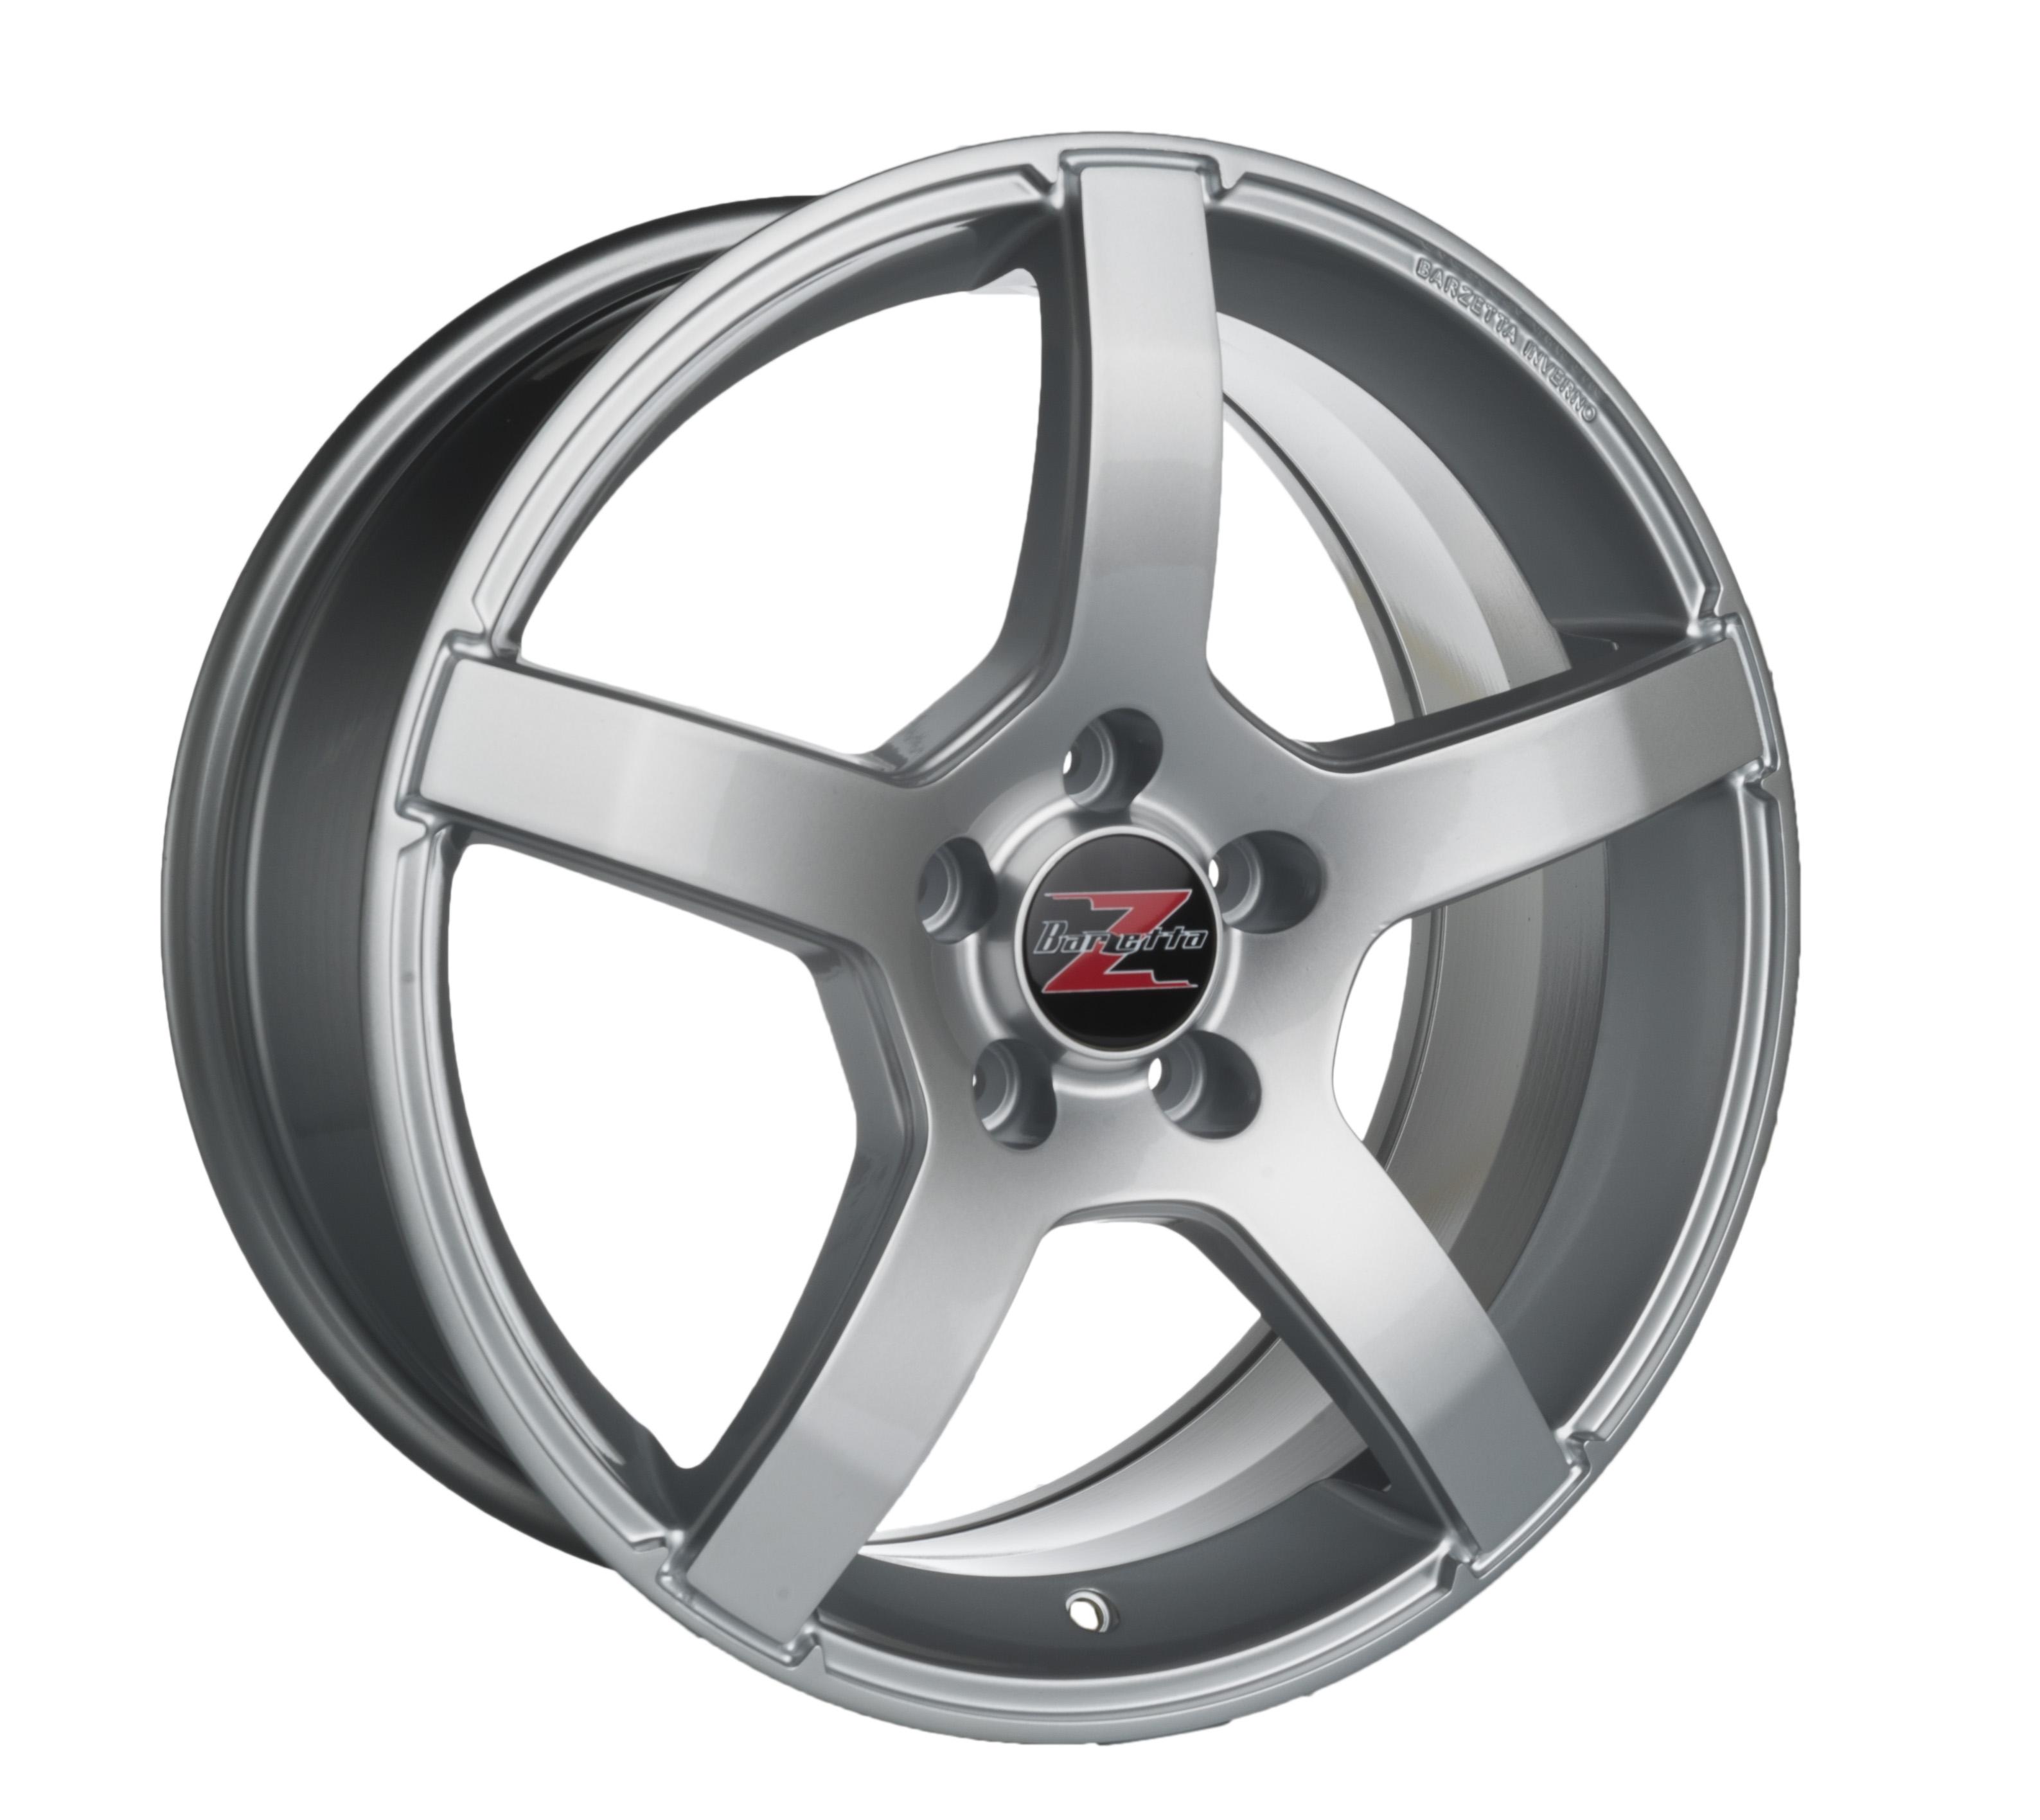 Barzetta Inverno Silver 7.5x18 5x112 E45 C66.6 - 20+ kpl</